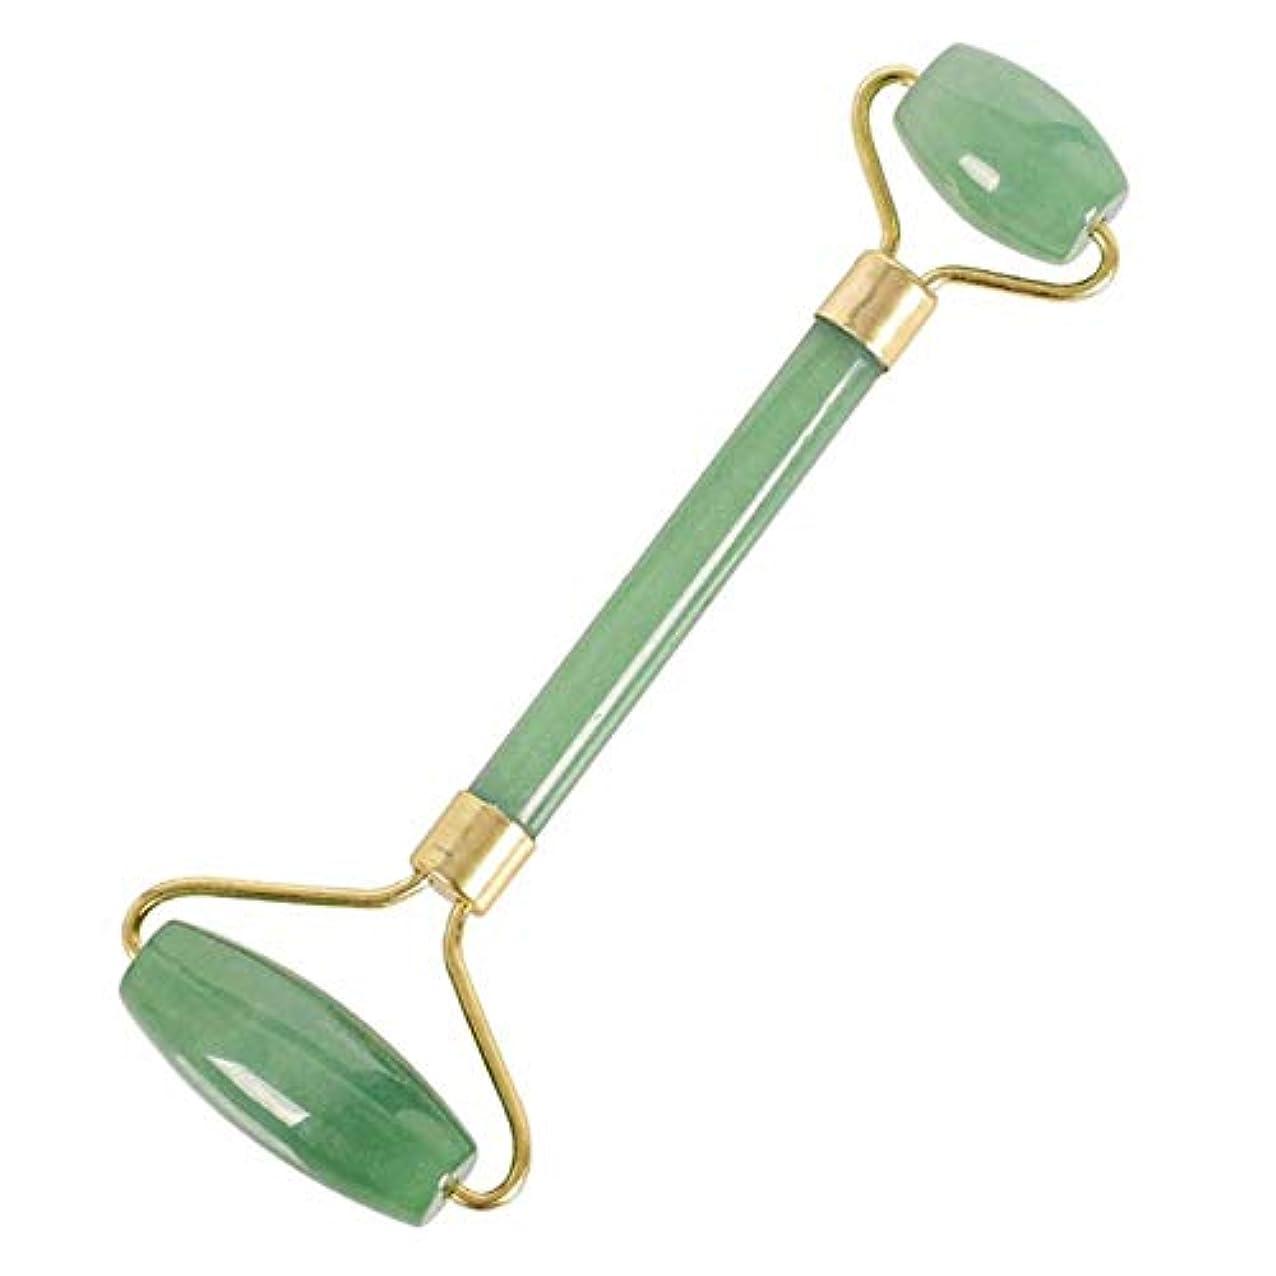 ミュージカル最後に破産Echo & Kern 翡翠フェイスマッサジローラー Double head Jade Stone Derma Roller (green jade roller)